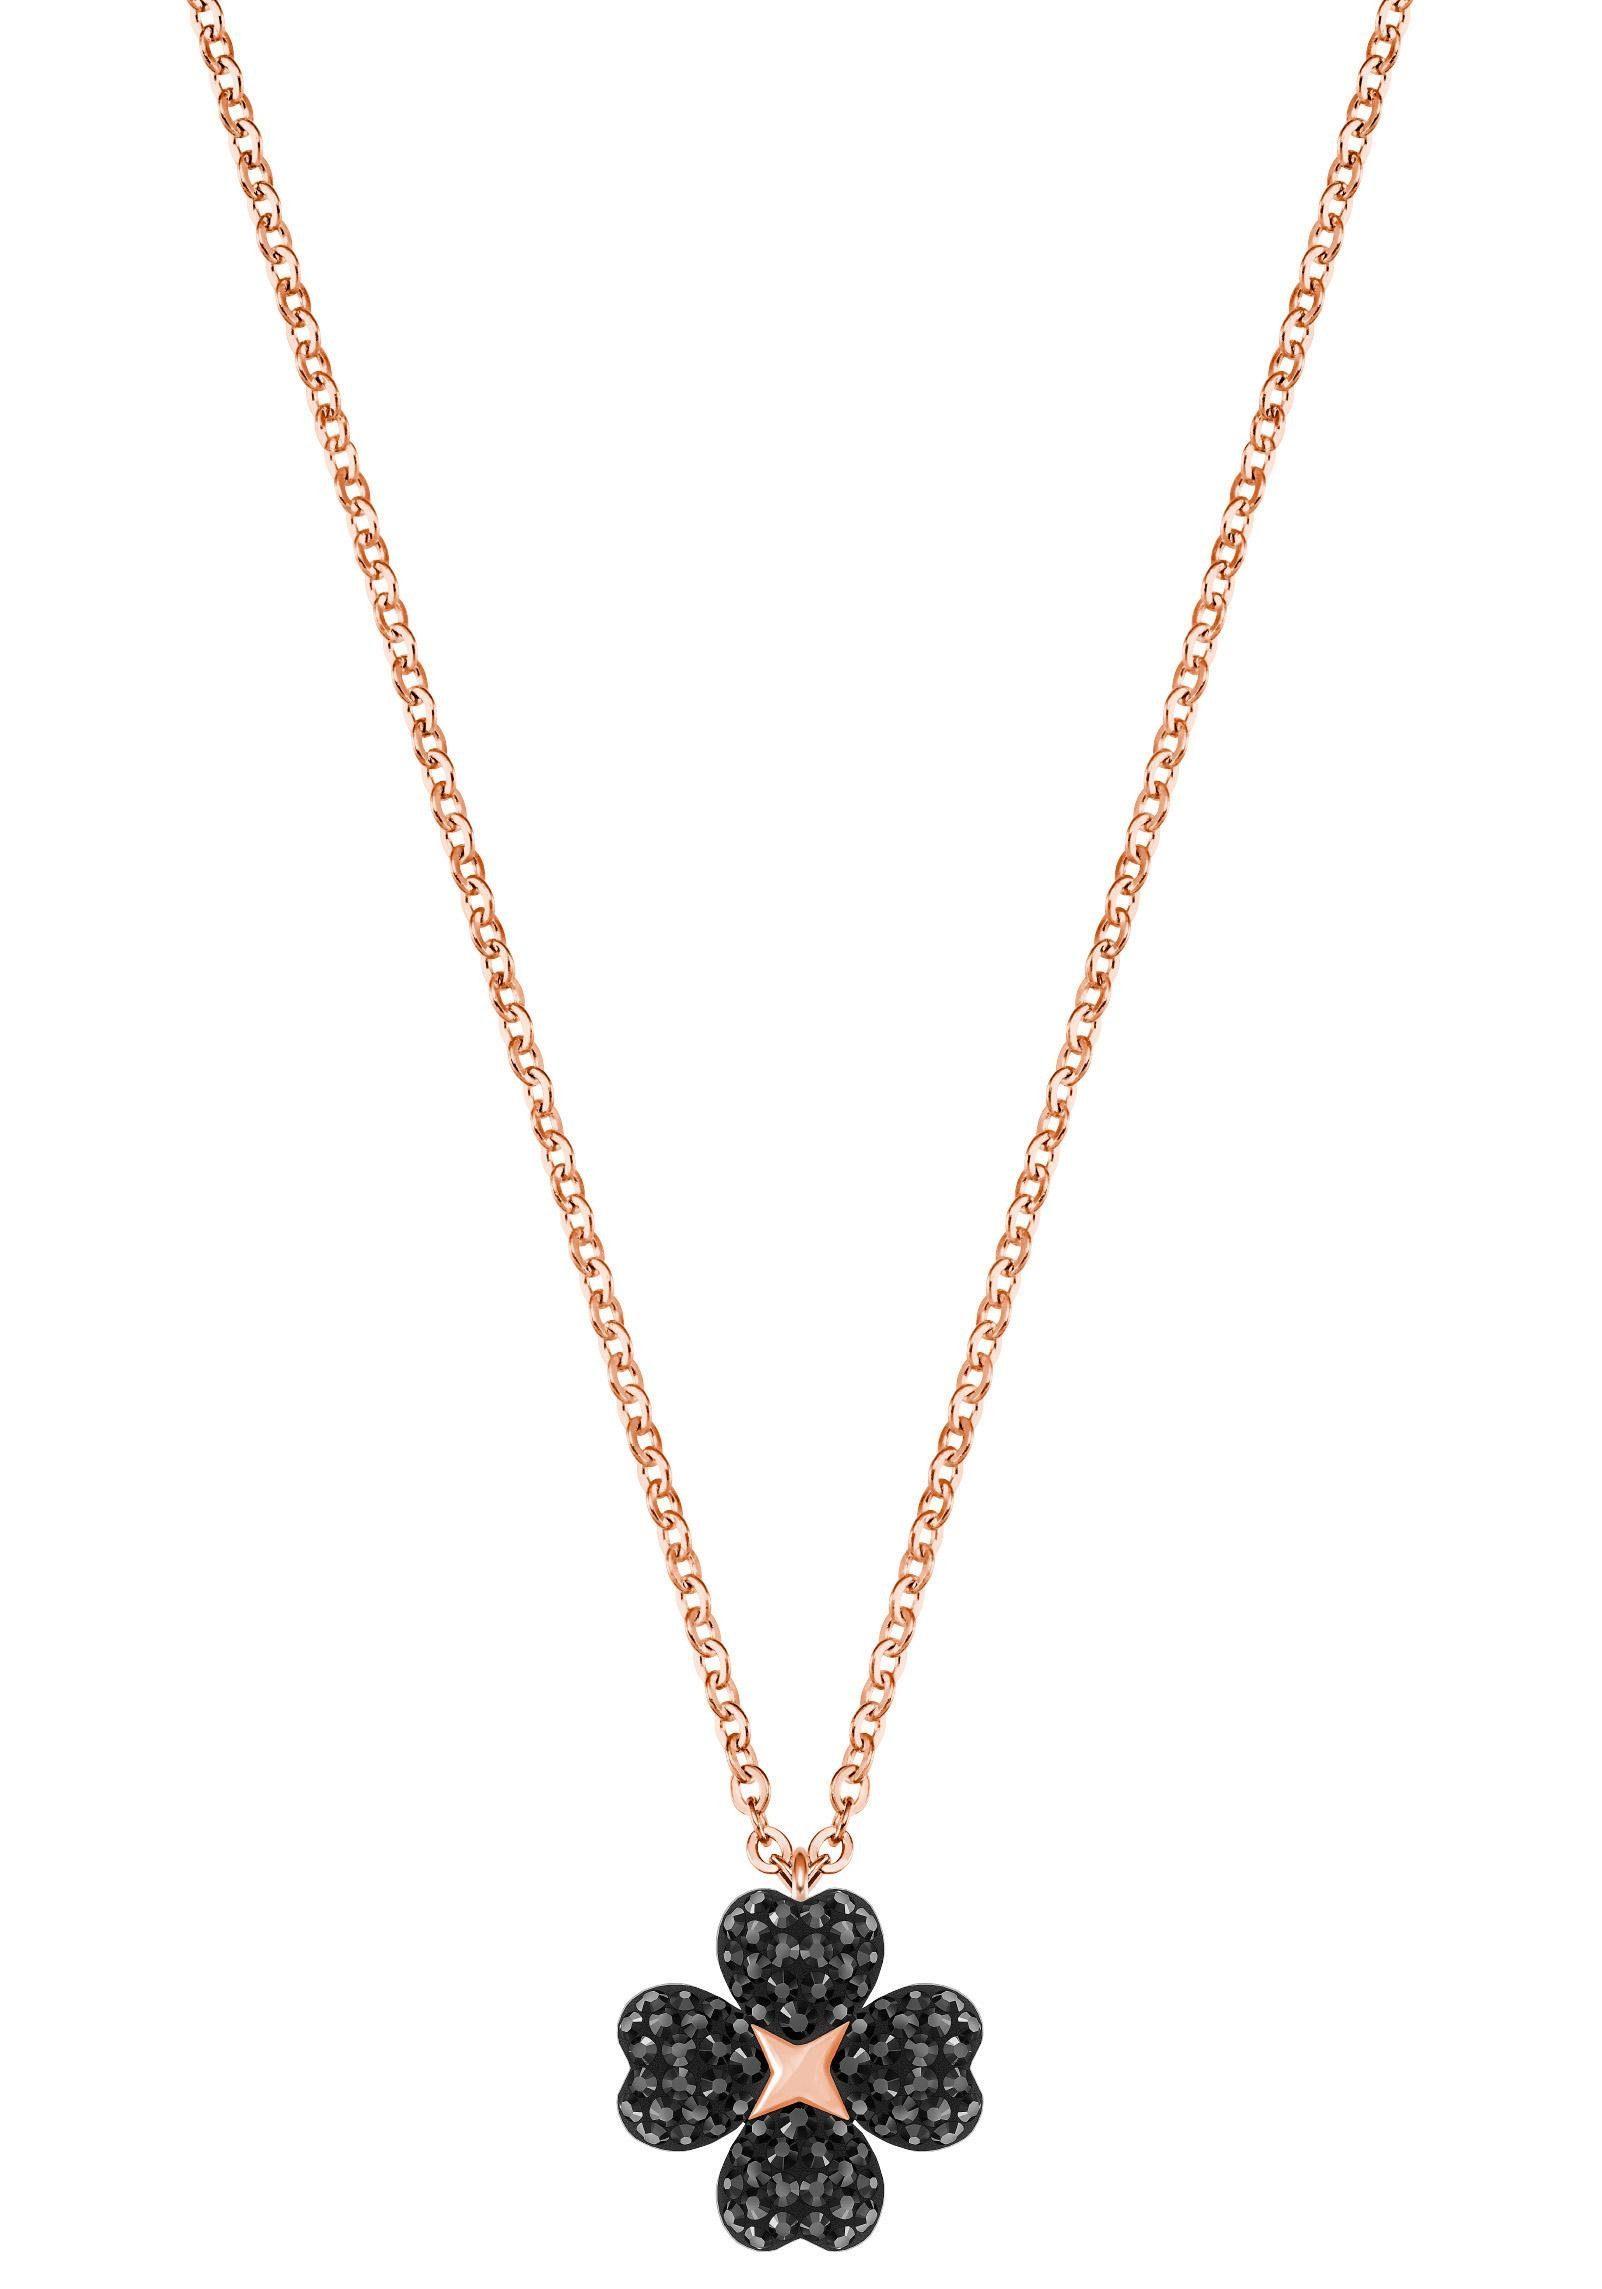 Swarovski Kette mit Anhänger »Kleeblatt, Herzen, Latisha Flower Anhänger, schwarz, rosé Vergoldung, 5420246« mit Swarovski® Kristallen